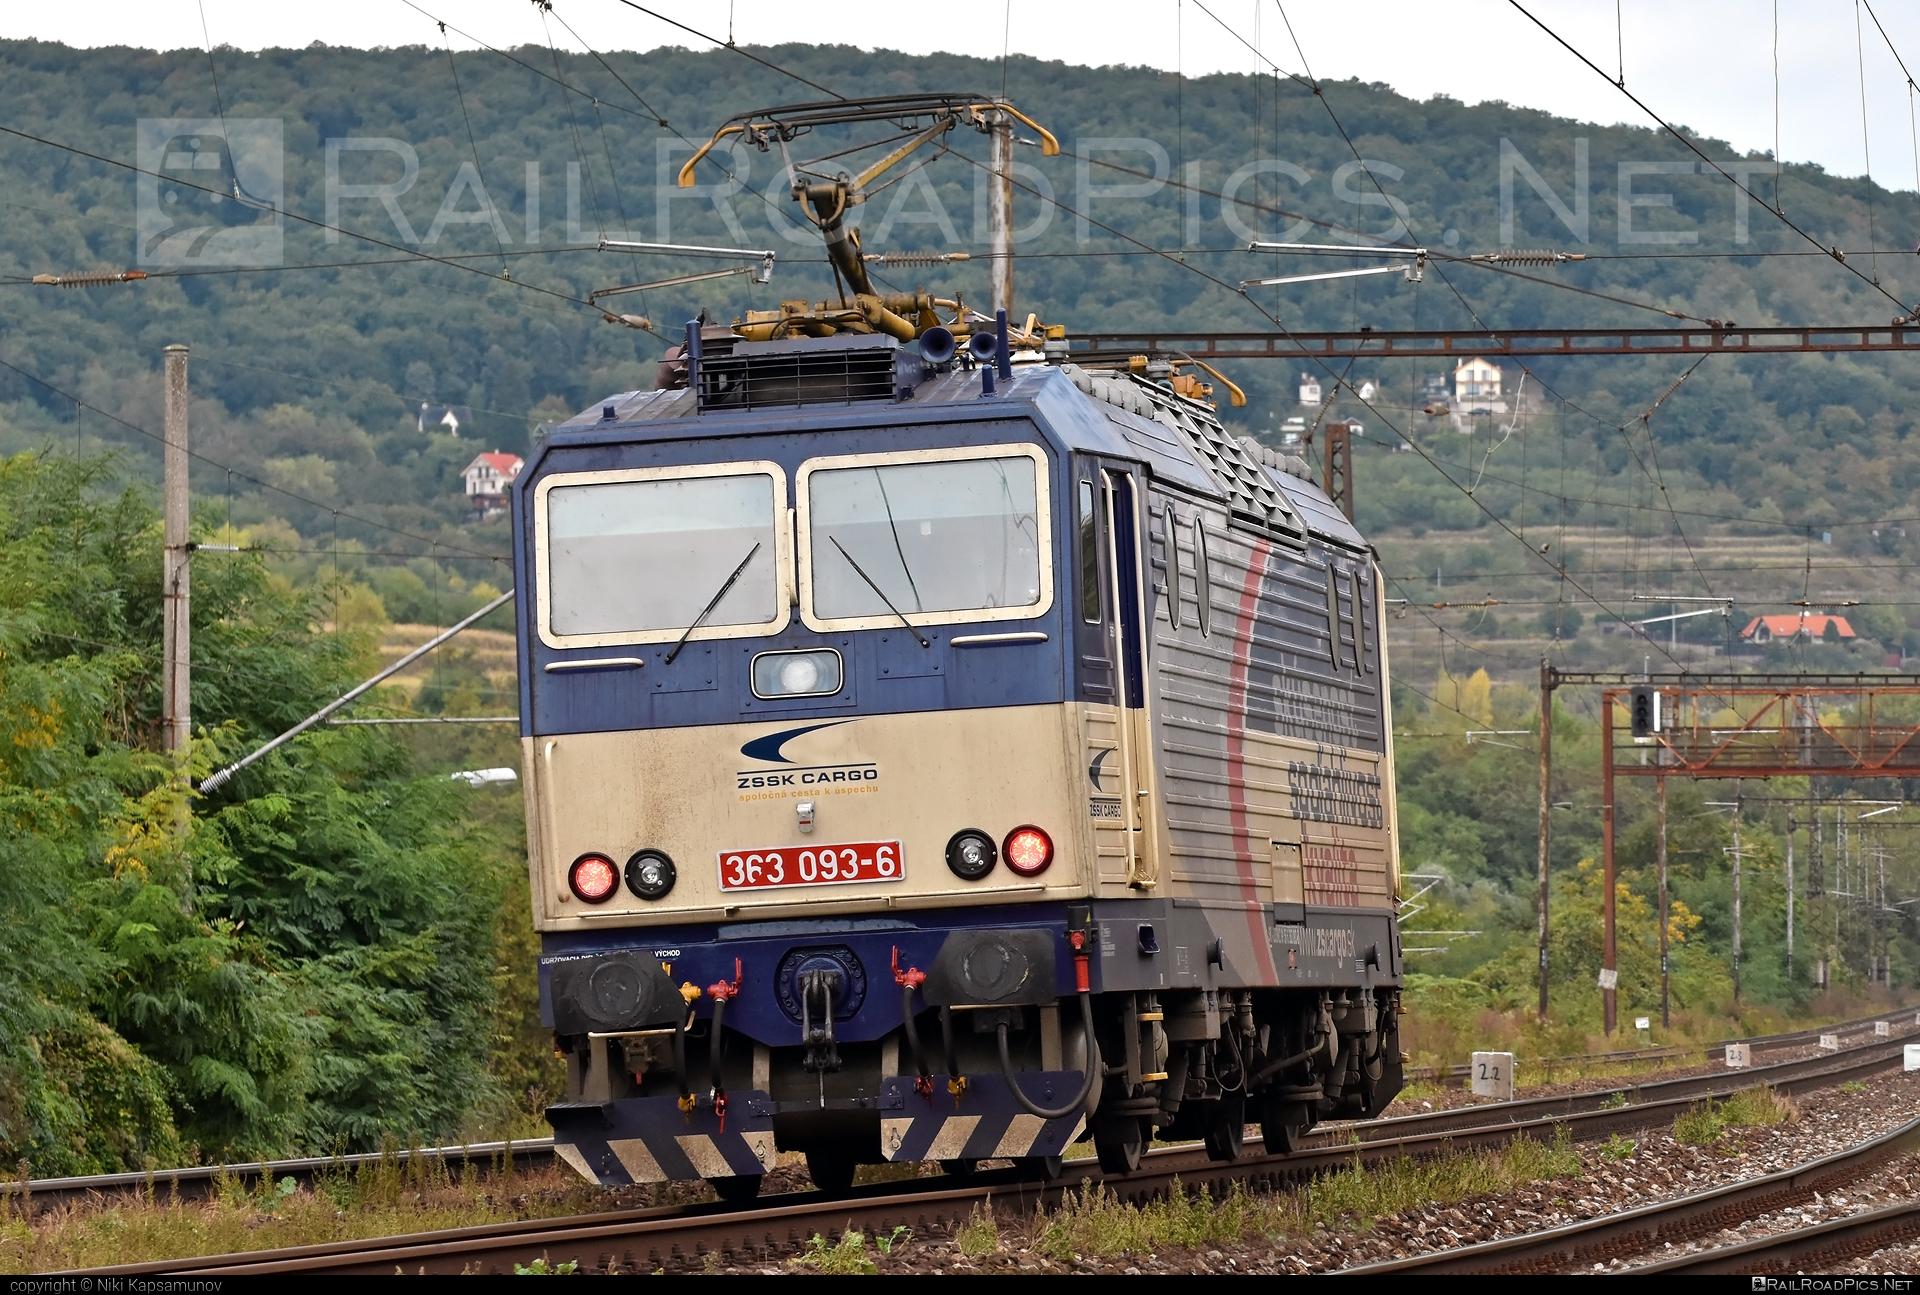 Škoda 69E - 363 093-6 operated by Železničná Spoločnost' Cargo Slovakia a.s. #ZeleznicnaSpolocnostCargoSlovakia #es4991 #eso #locomotive363 #skoda #skoda69e #zsskcargo